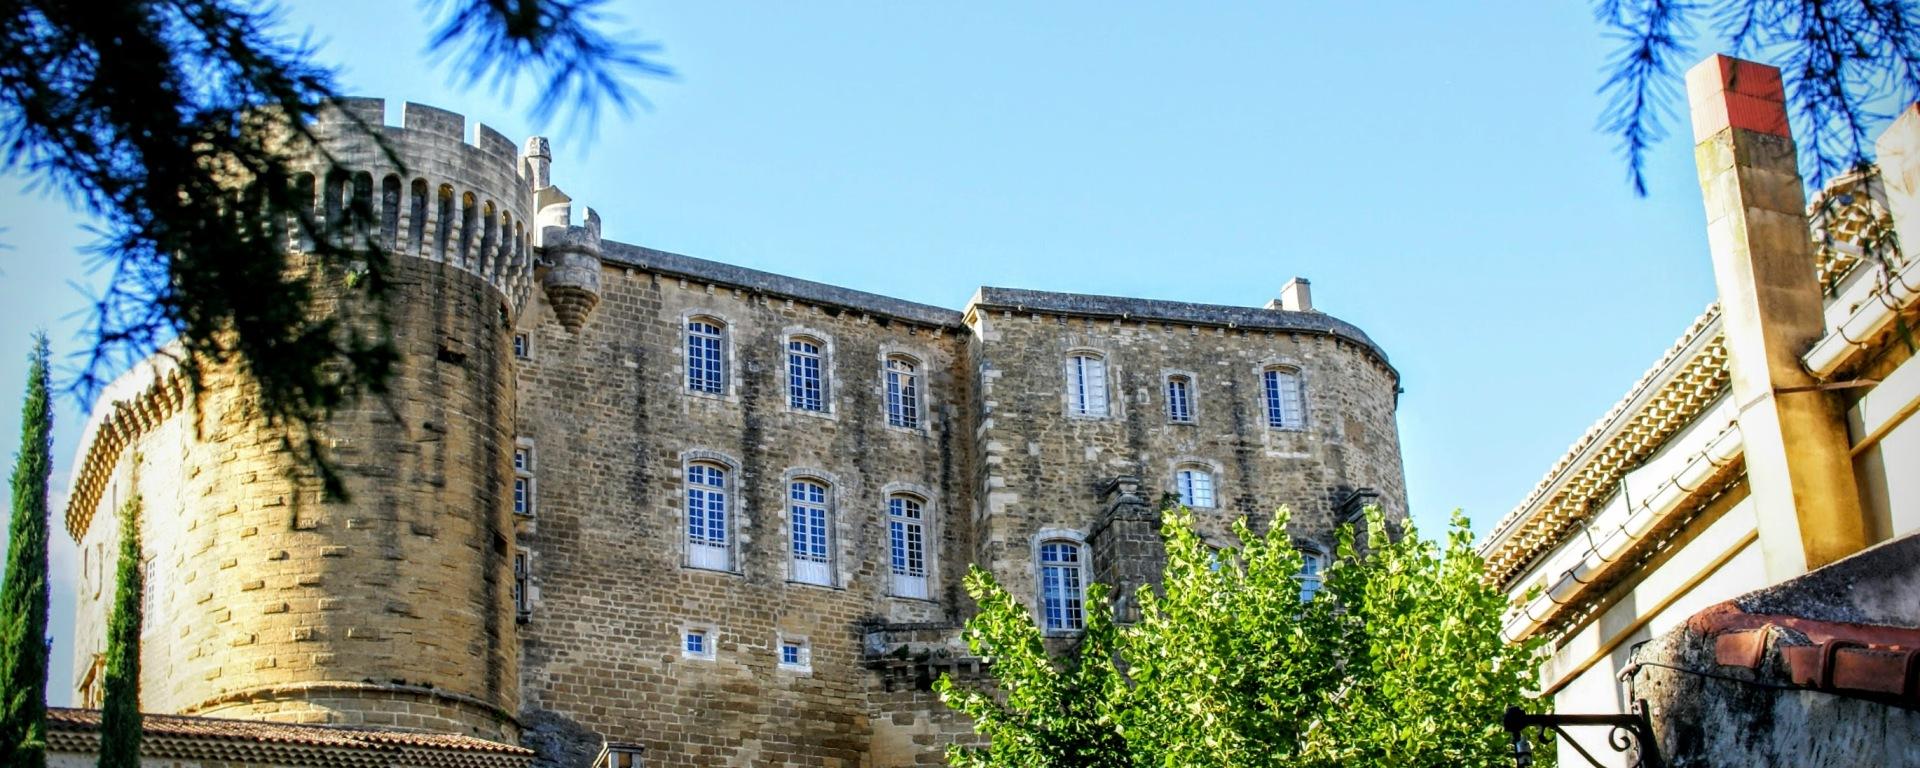 château de suze la rousse université du vin